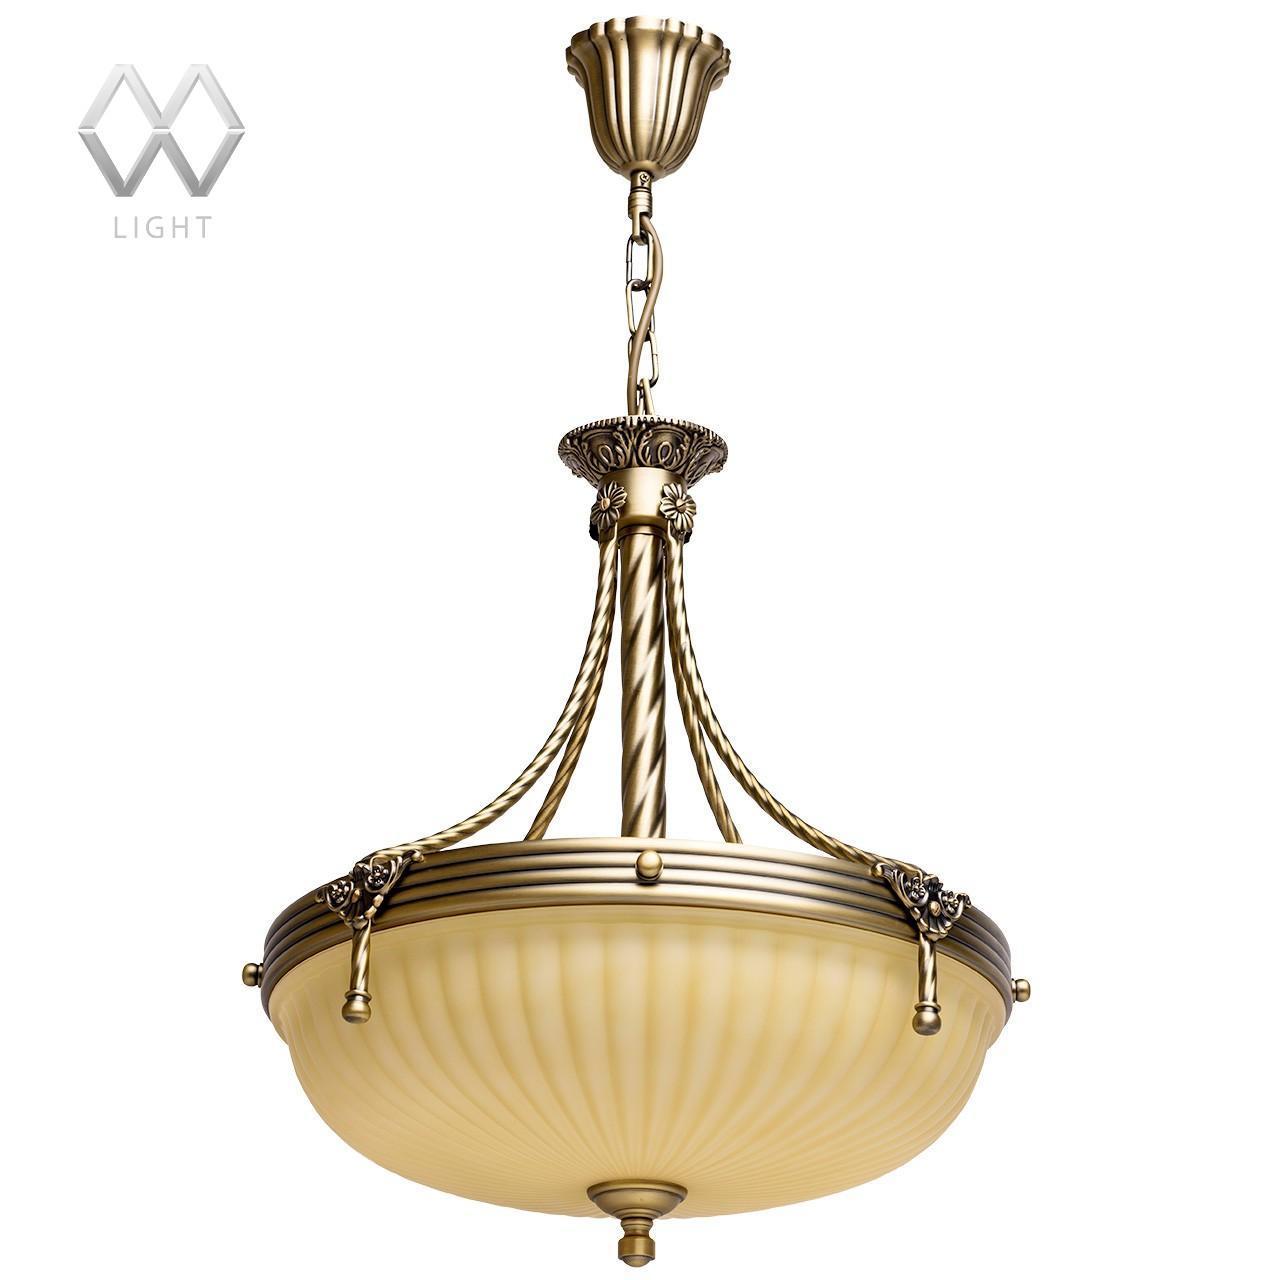 Подвесной светильник MW-Light Афродита 317010504 потолочный светильник mw light 317010504